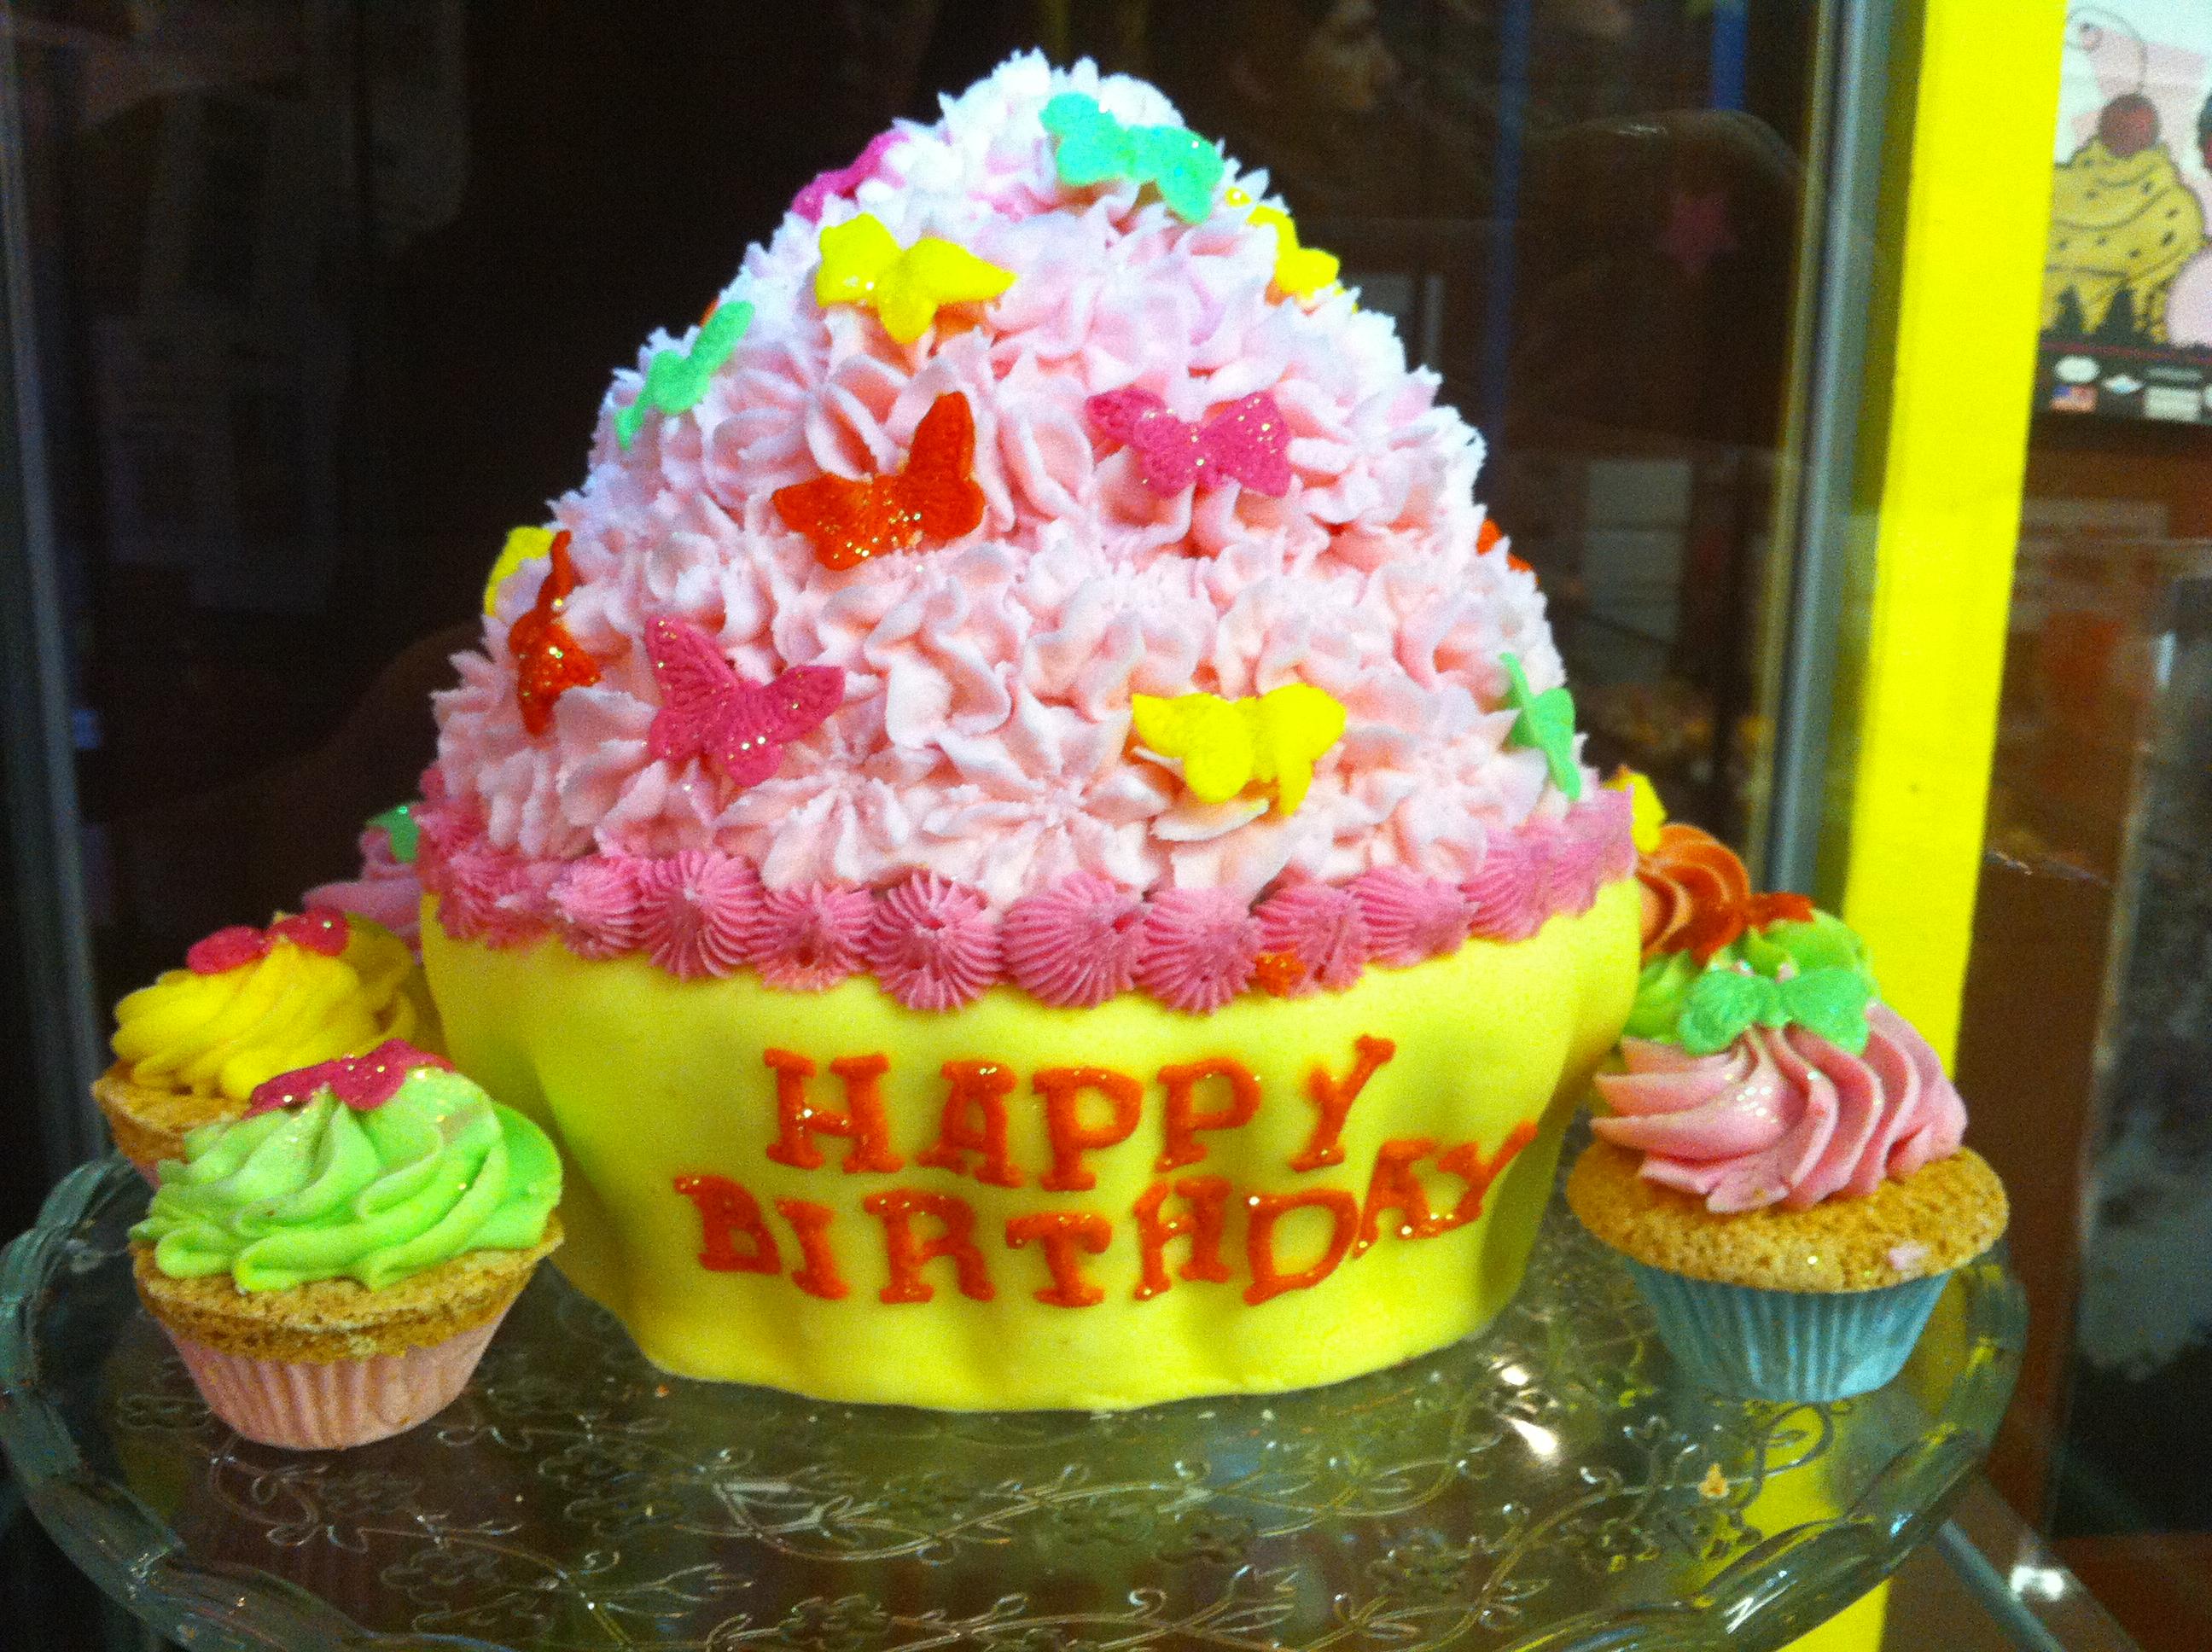 Les cupcakes ce déclinent en version mini, normale et king size